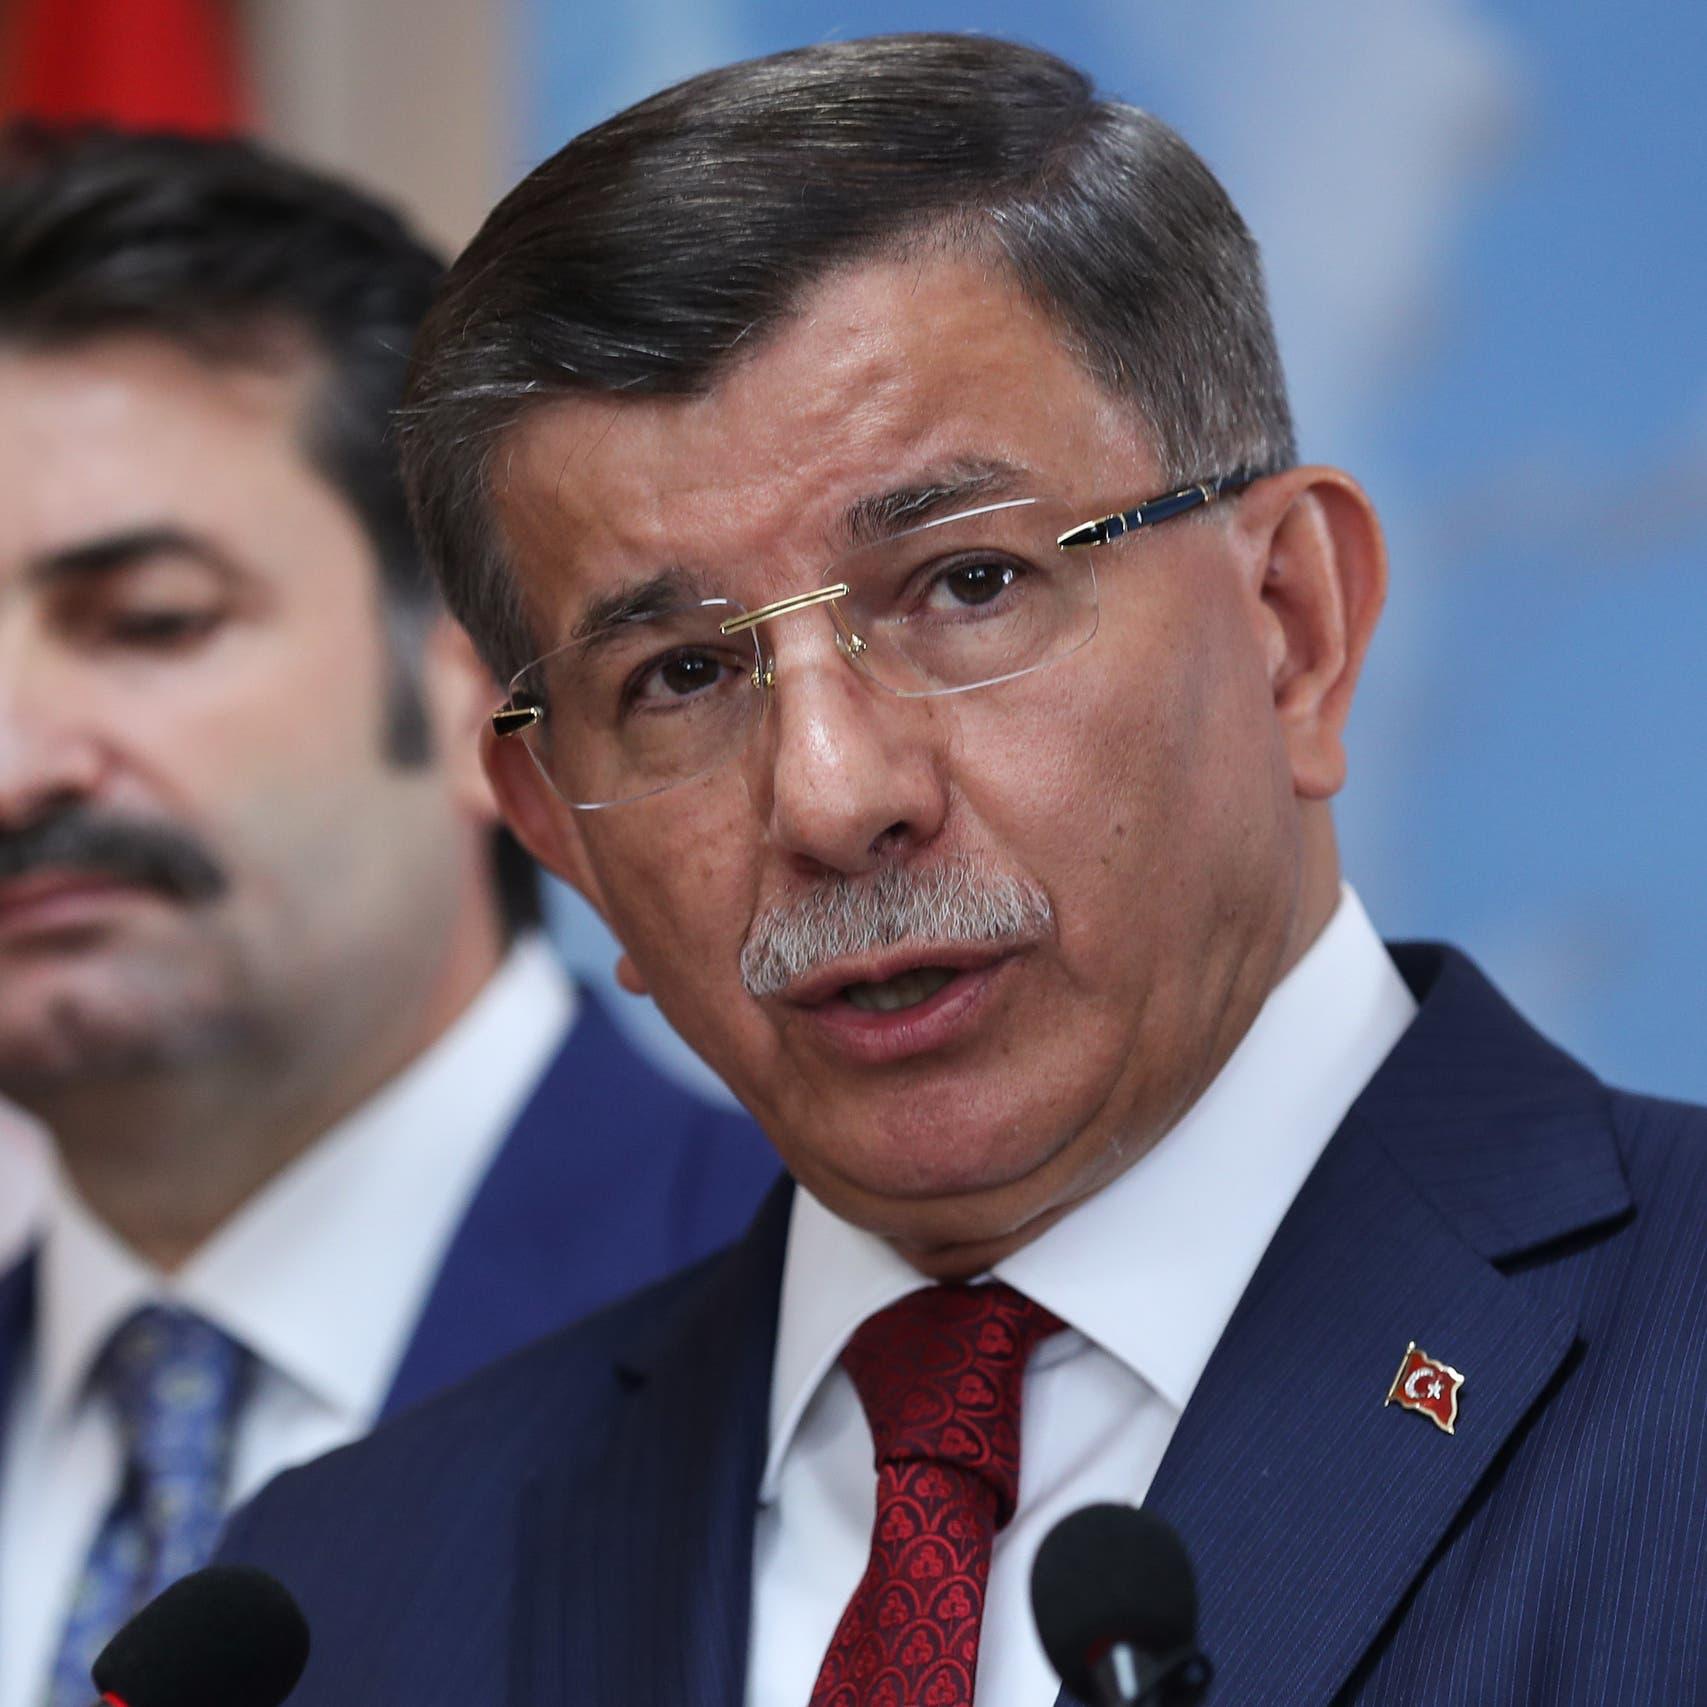 حليف سابق يهاجم أردوغان: استبداد وفشل واستعراض قوة